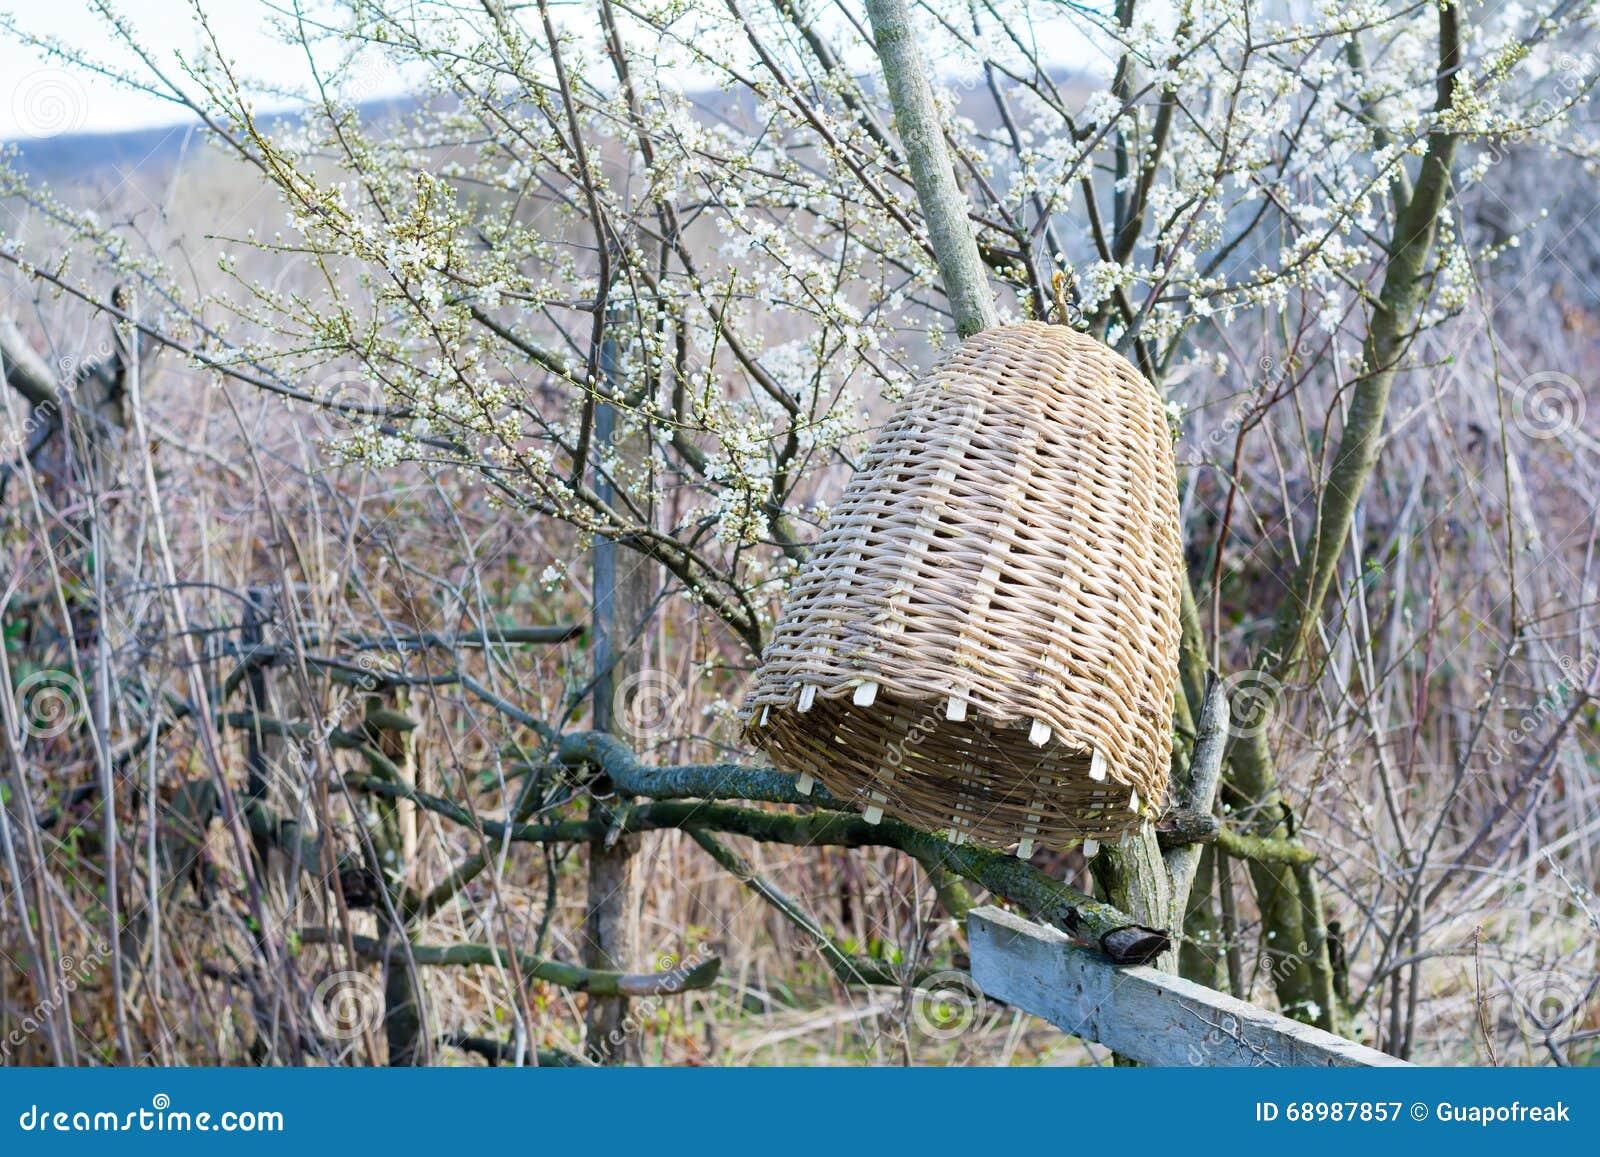 Colmena hecha a mano para capturar los enjambres de la abeja en naturaleza